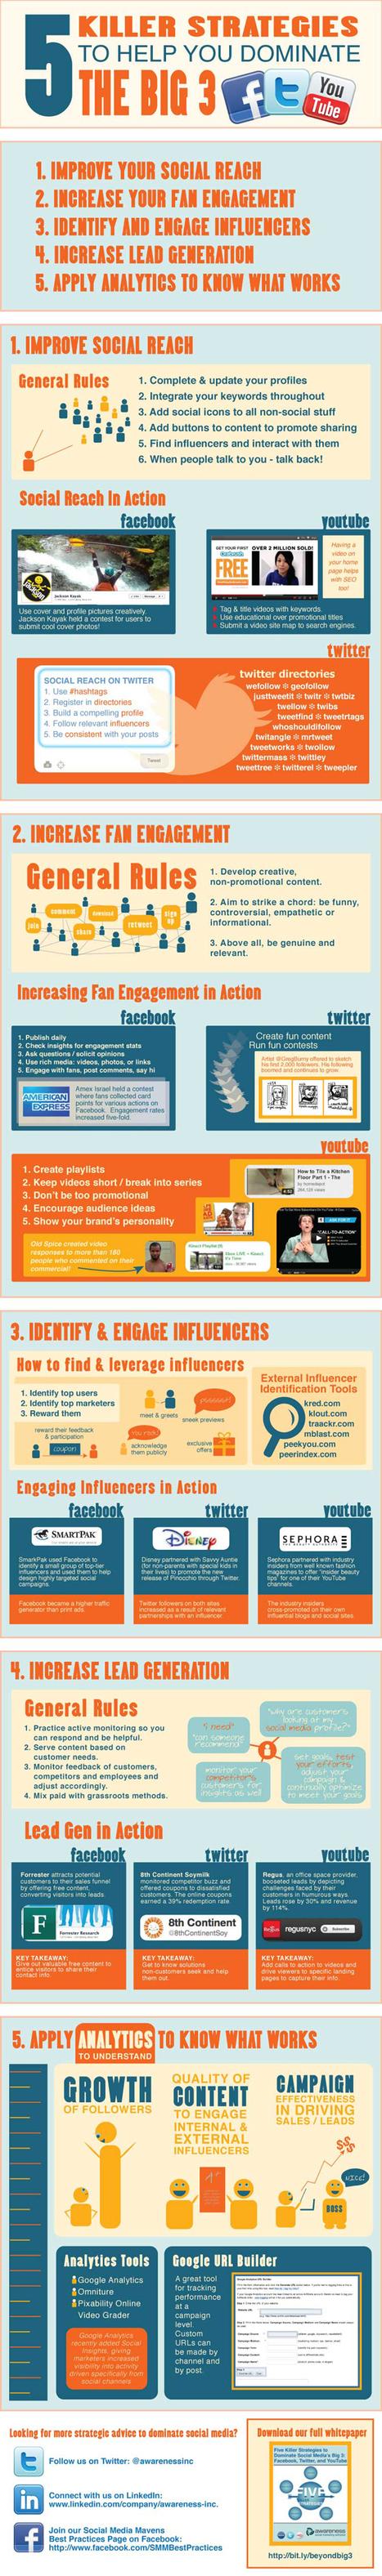 Facebook, Twitter, YouTube: Strategic Marketing Best Practices | Online-Communities | Scoop.it